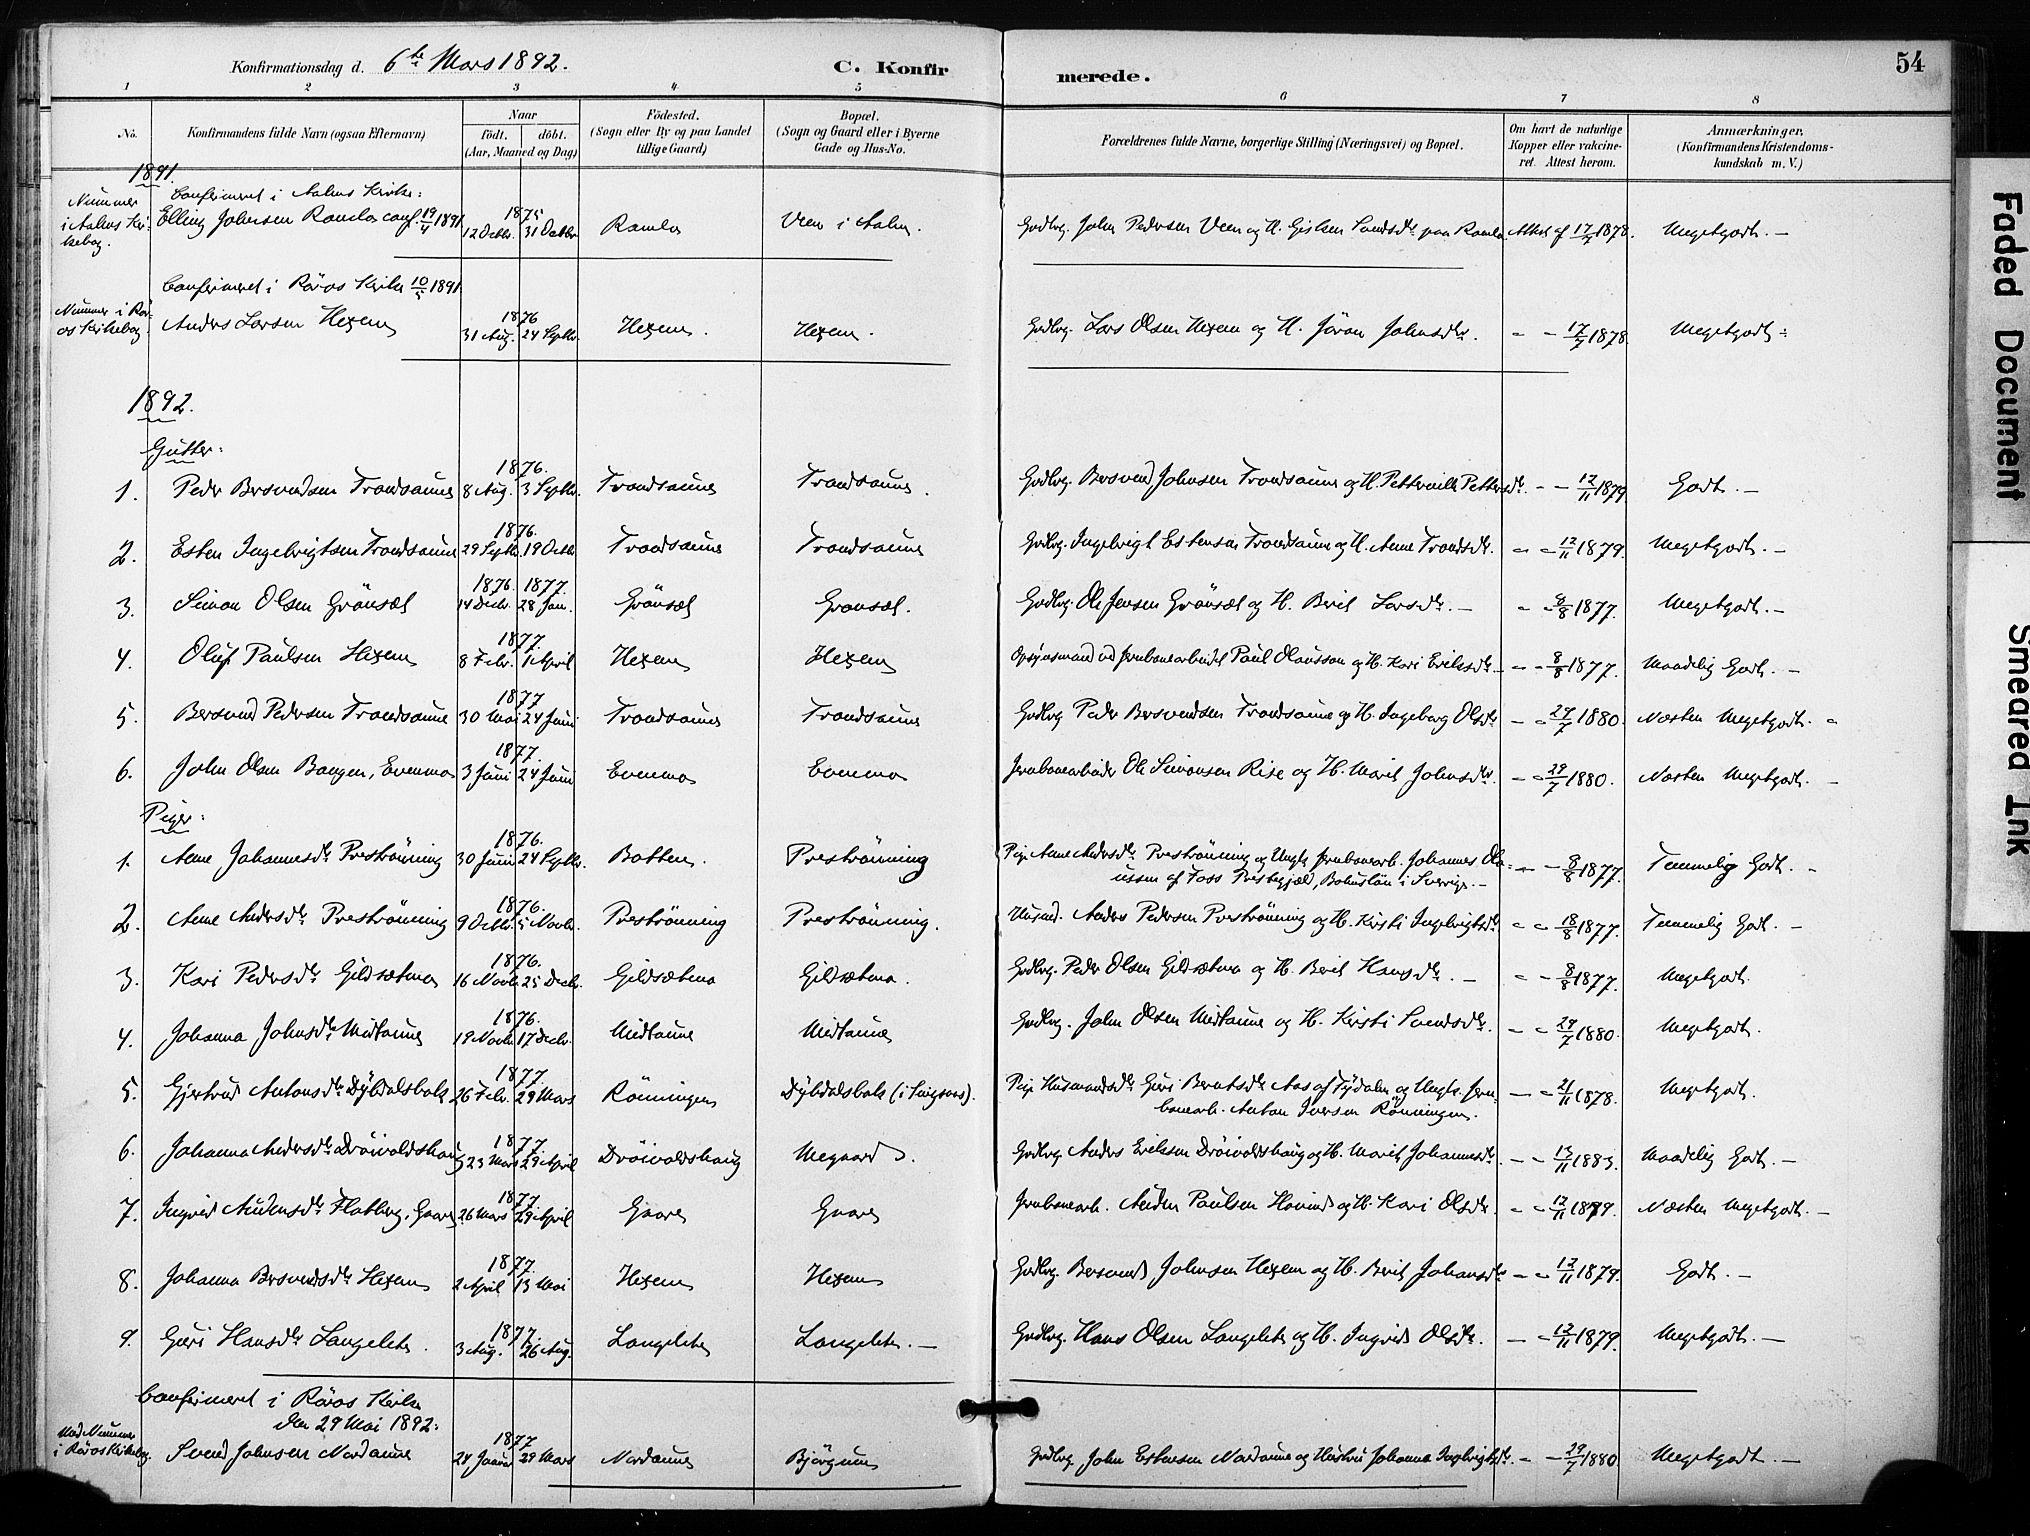 SAT, Ministerialprotokoller, klokkerbøker og fødselsregistre - Sør-Trøndelag, 685/L0973: Ministerialbok nr. 685A10, 1891-1907, s. 54